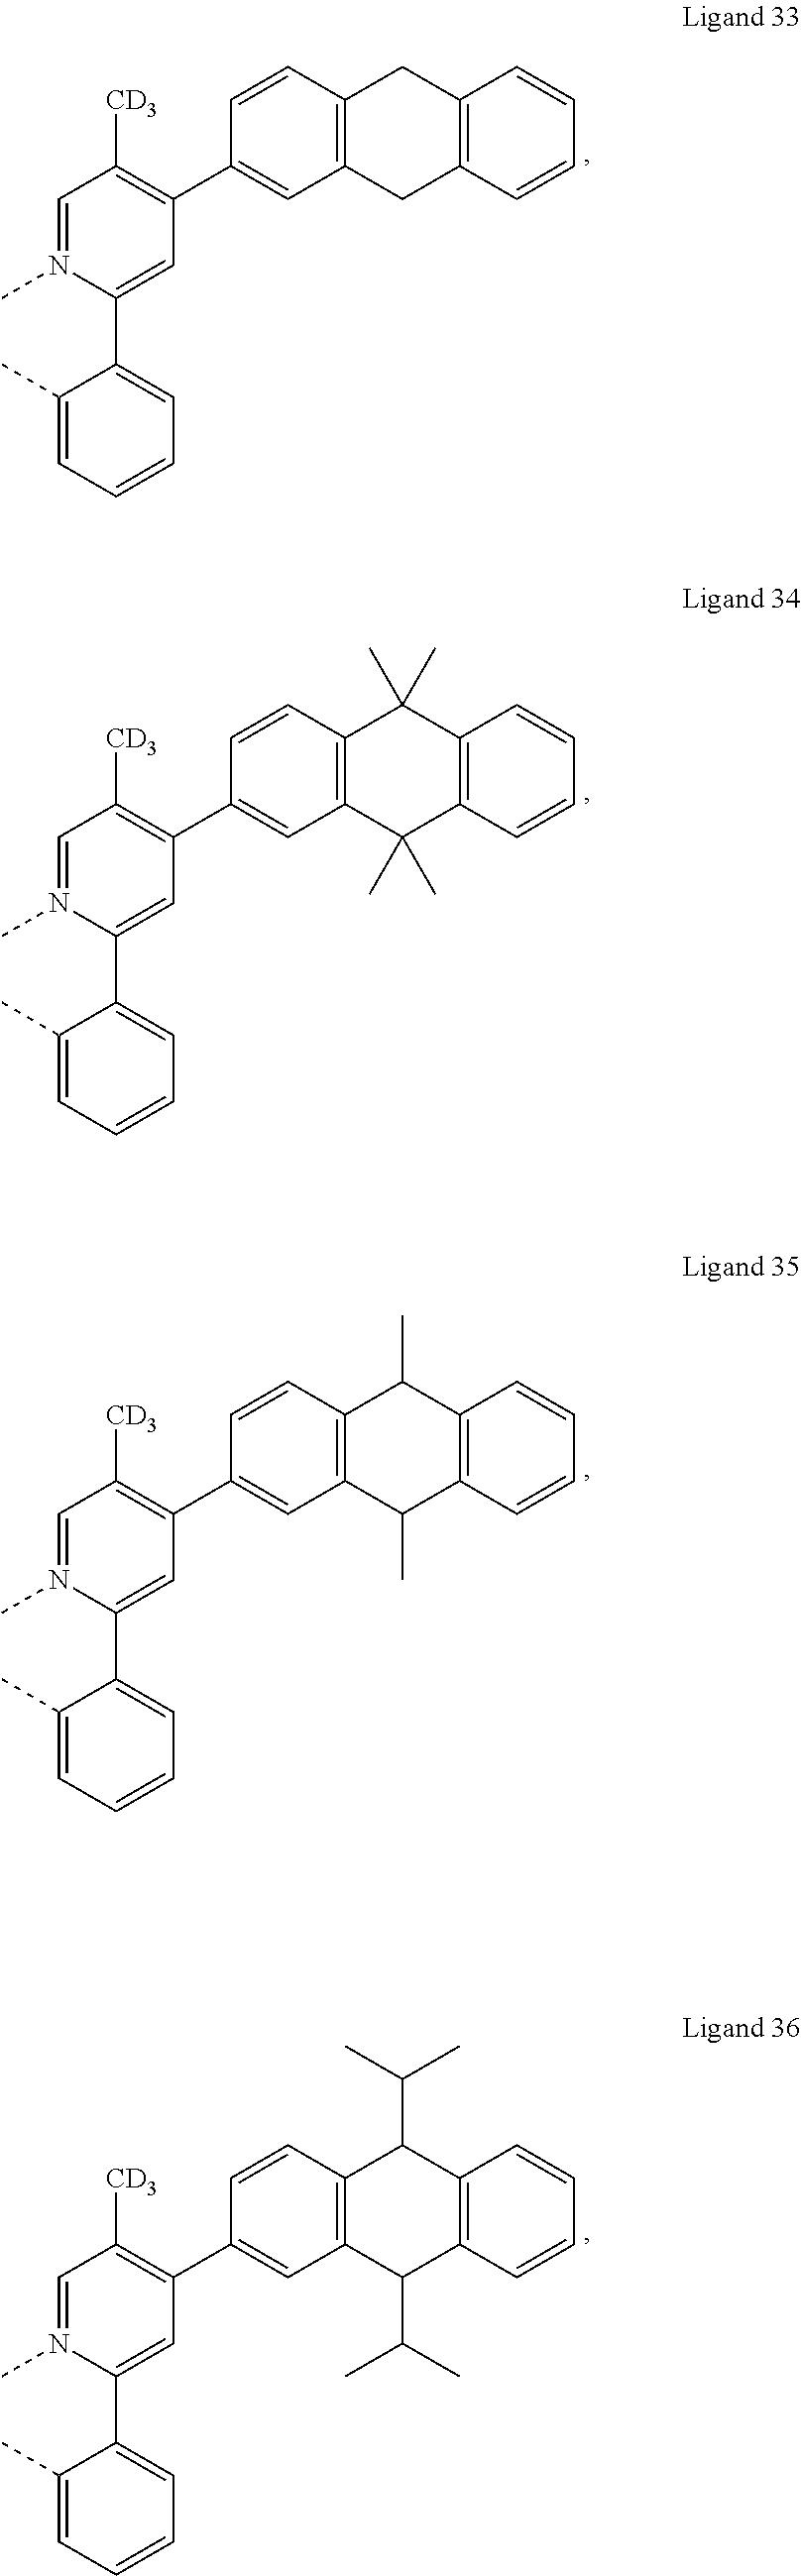 Figure US20180130962A1-20180510-C00038